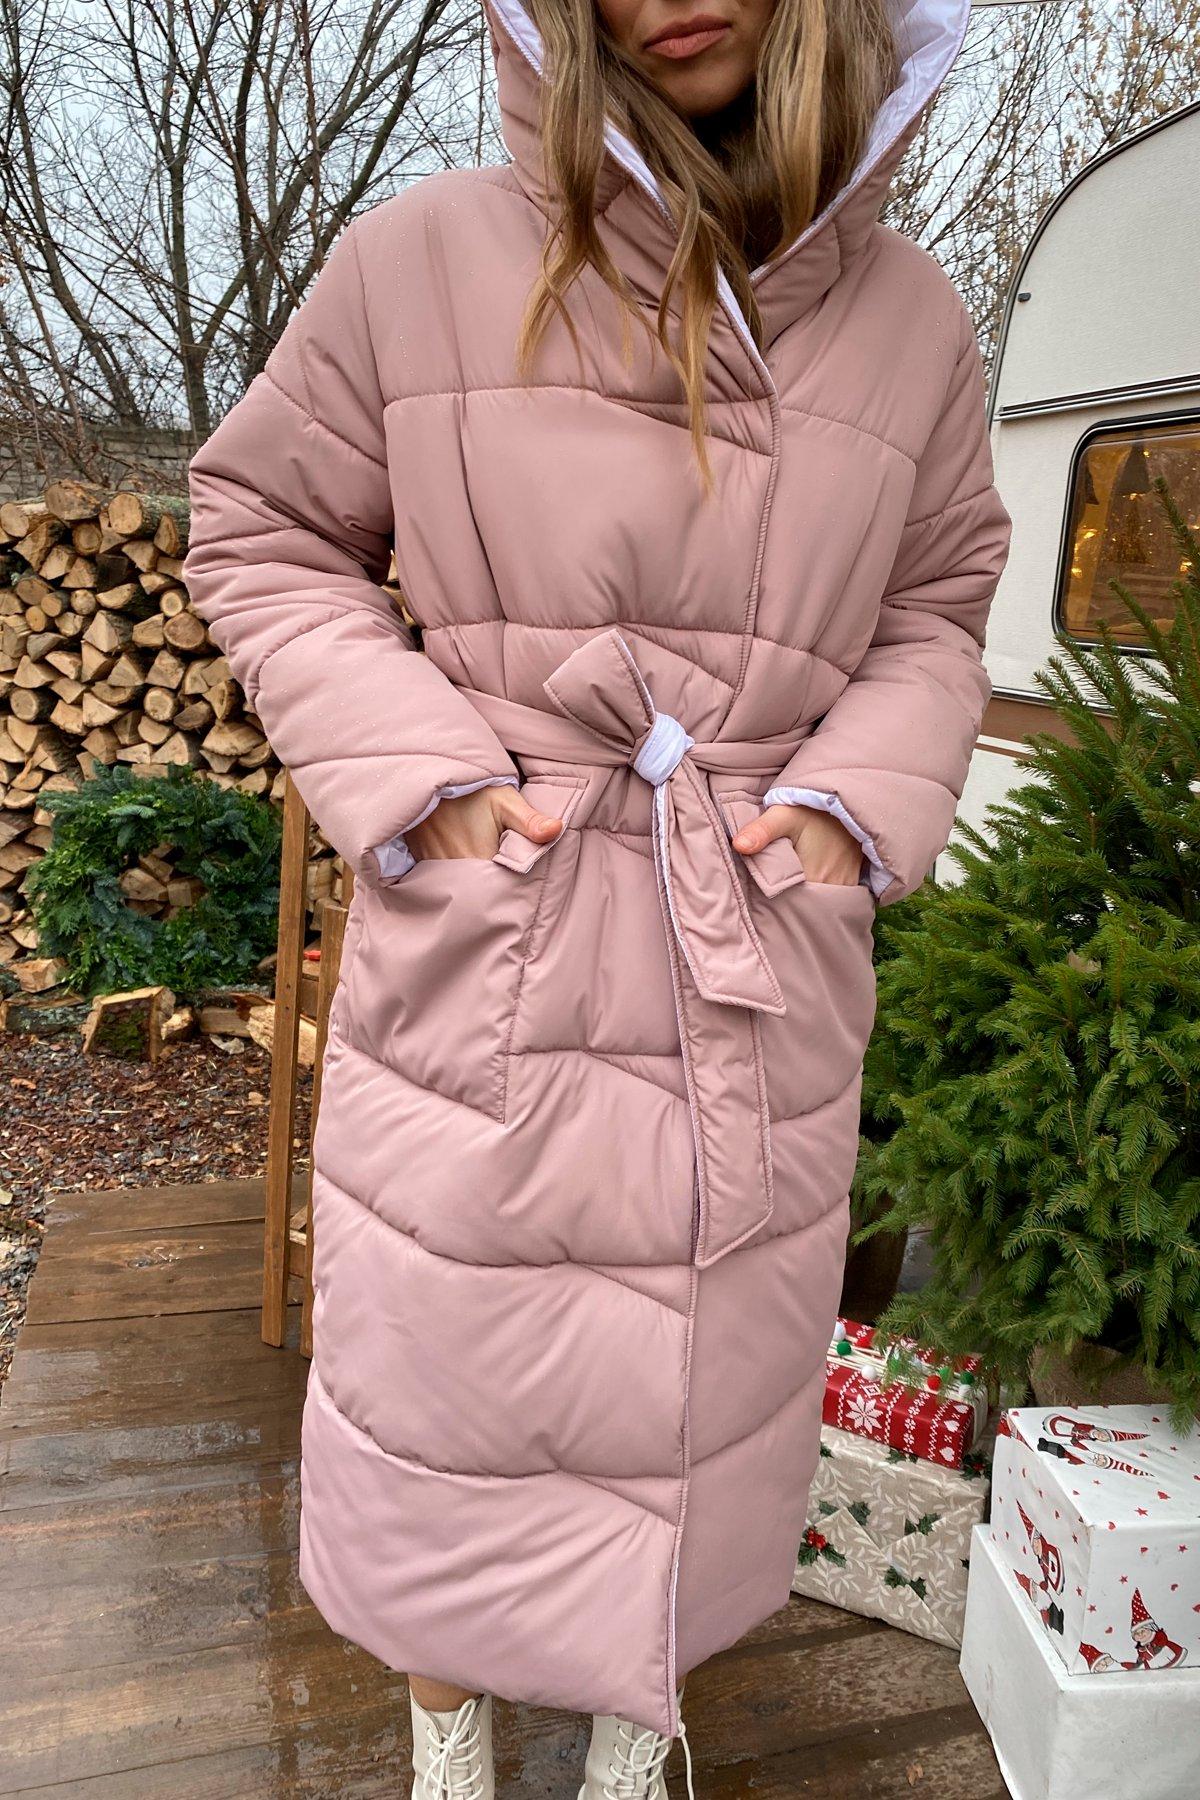 Блу теплый пуховик из  плащевой ткани 10260 АРТ. 46558 Цвет: Пудра/белый жемчуг - фото 9, интернет магазин tm-modus.ru